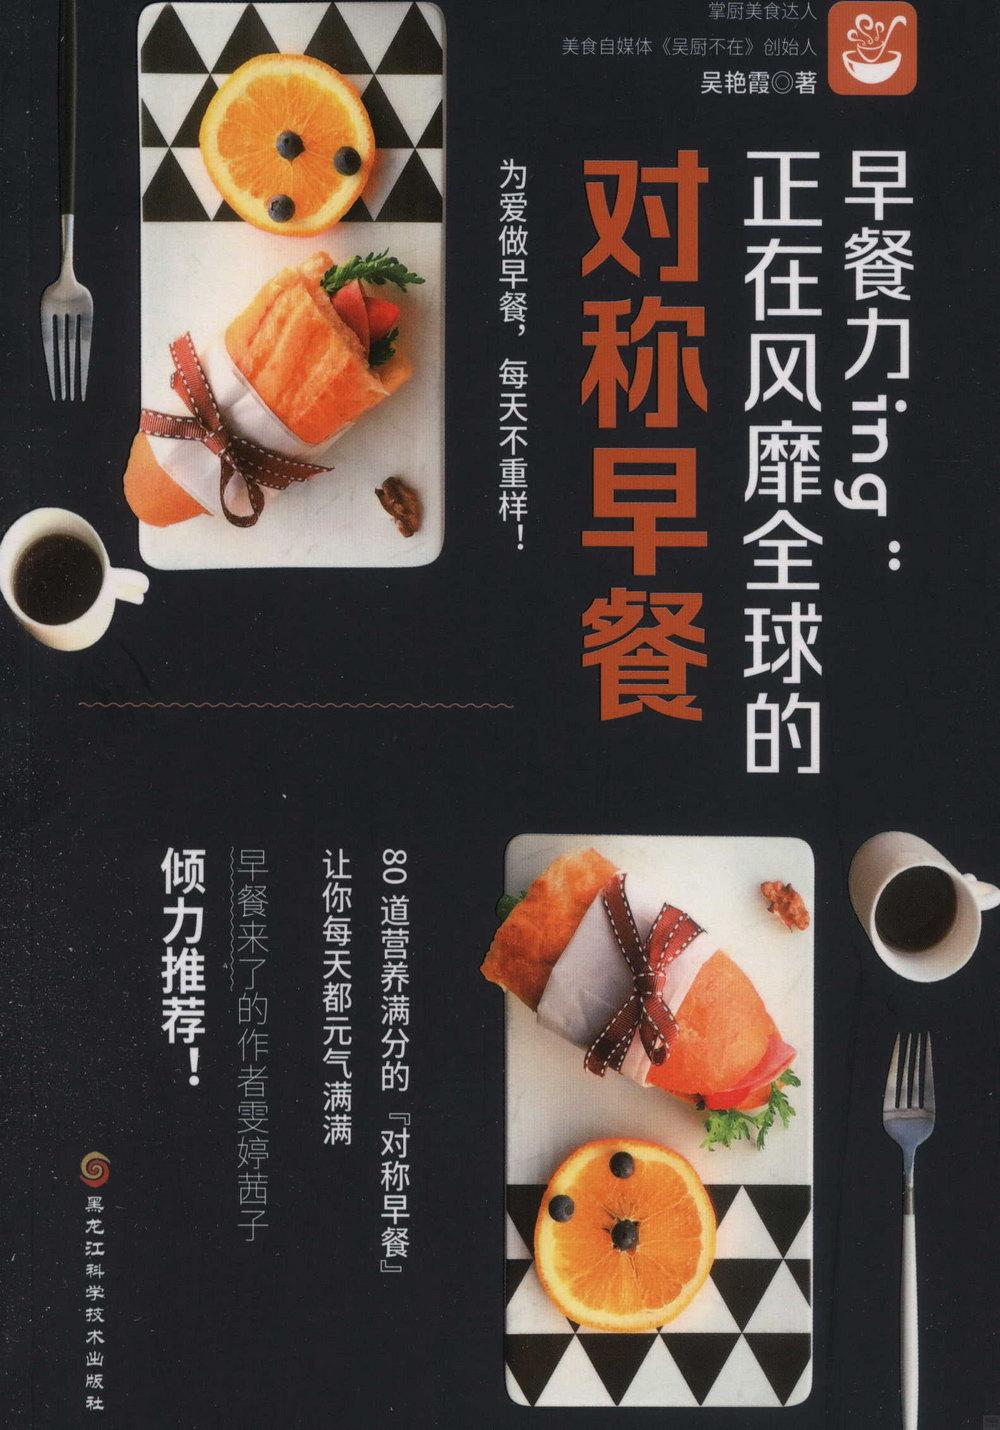 早餐力ing:正在風靡全球的對稱早餐